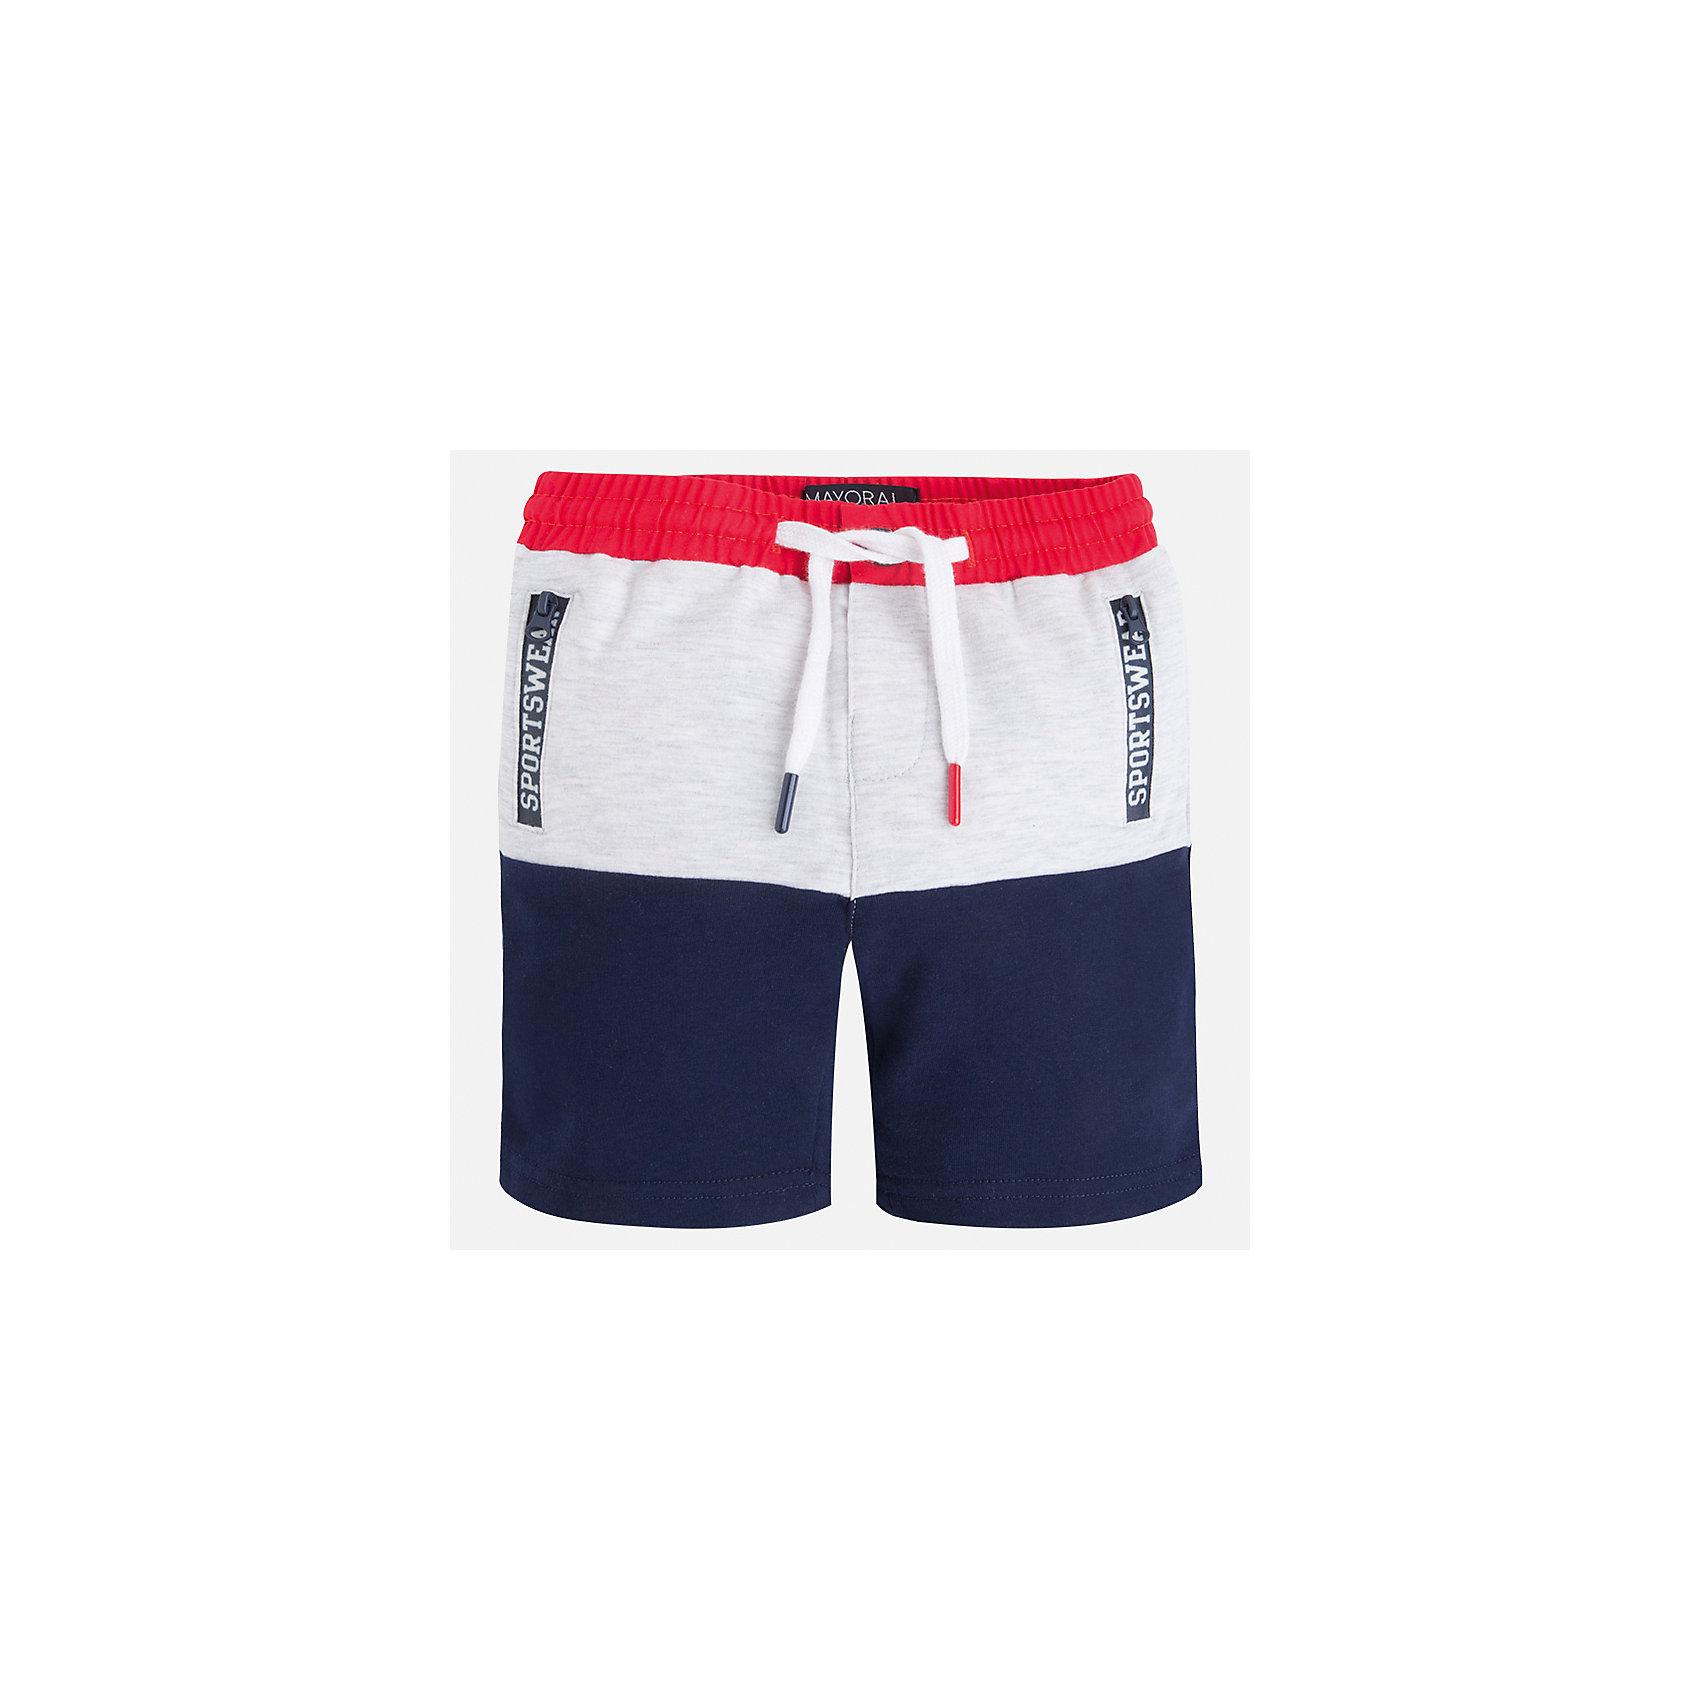 Бриджи для мальчика MayoralХарактеристики товара:<br><br>• цвет: белый/синий/красный<br>• состав: 58% хлопок, 38% полиэстер, 4% эластан<br>• средняя длина<br>• карманы<br>• пояс - резинка со шнурком<br>• мягкий материал<br>• страна бренда: Испания<br><br>Спортивные бриджи для мальчика помогут обеспечить ребенку комфорт. Они отлично сочетаются с майками, футболками, курточками в спортивном стиле. Универсальный крой и цвет позволяет подобрать к вещи верх разных расцветок. Практичное и стильное изделие! В составе материала - натуральный хлопок, гипоаллергенный, приятный на ощупь, дышащий.<br><br>Одежда, обувь и аксессуары от испанского бренда Mayoral полюбились детям и взрослым по всему миру. Модели этой марки - стильные и удобные. Для их производства используются только безопасные, качественные материалы и фурнитура. Порадуйте ребенка модными и красивыми вещами от Mayoral! <br><br>Бриджи для мальчика от испанского бренда Mayoral (Майорал) можно купить в нашем интернет-магазине.<br><br>Ширина мм: 191<br>Глубина мм: 10<br>Высота мм: 175<br>Вес г: 273<br>Цвет: разноцветный<br>Возраст от месяцев: 24<br>Возраст до месяцев: 36<br>Пол: Мужской<br>Возраст: Детский<br>Размер: 98,92,134,128,122,116,110,104<br>SKU: 5272703